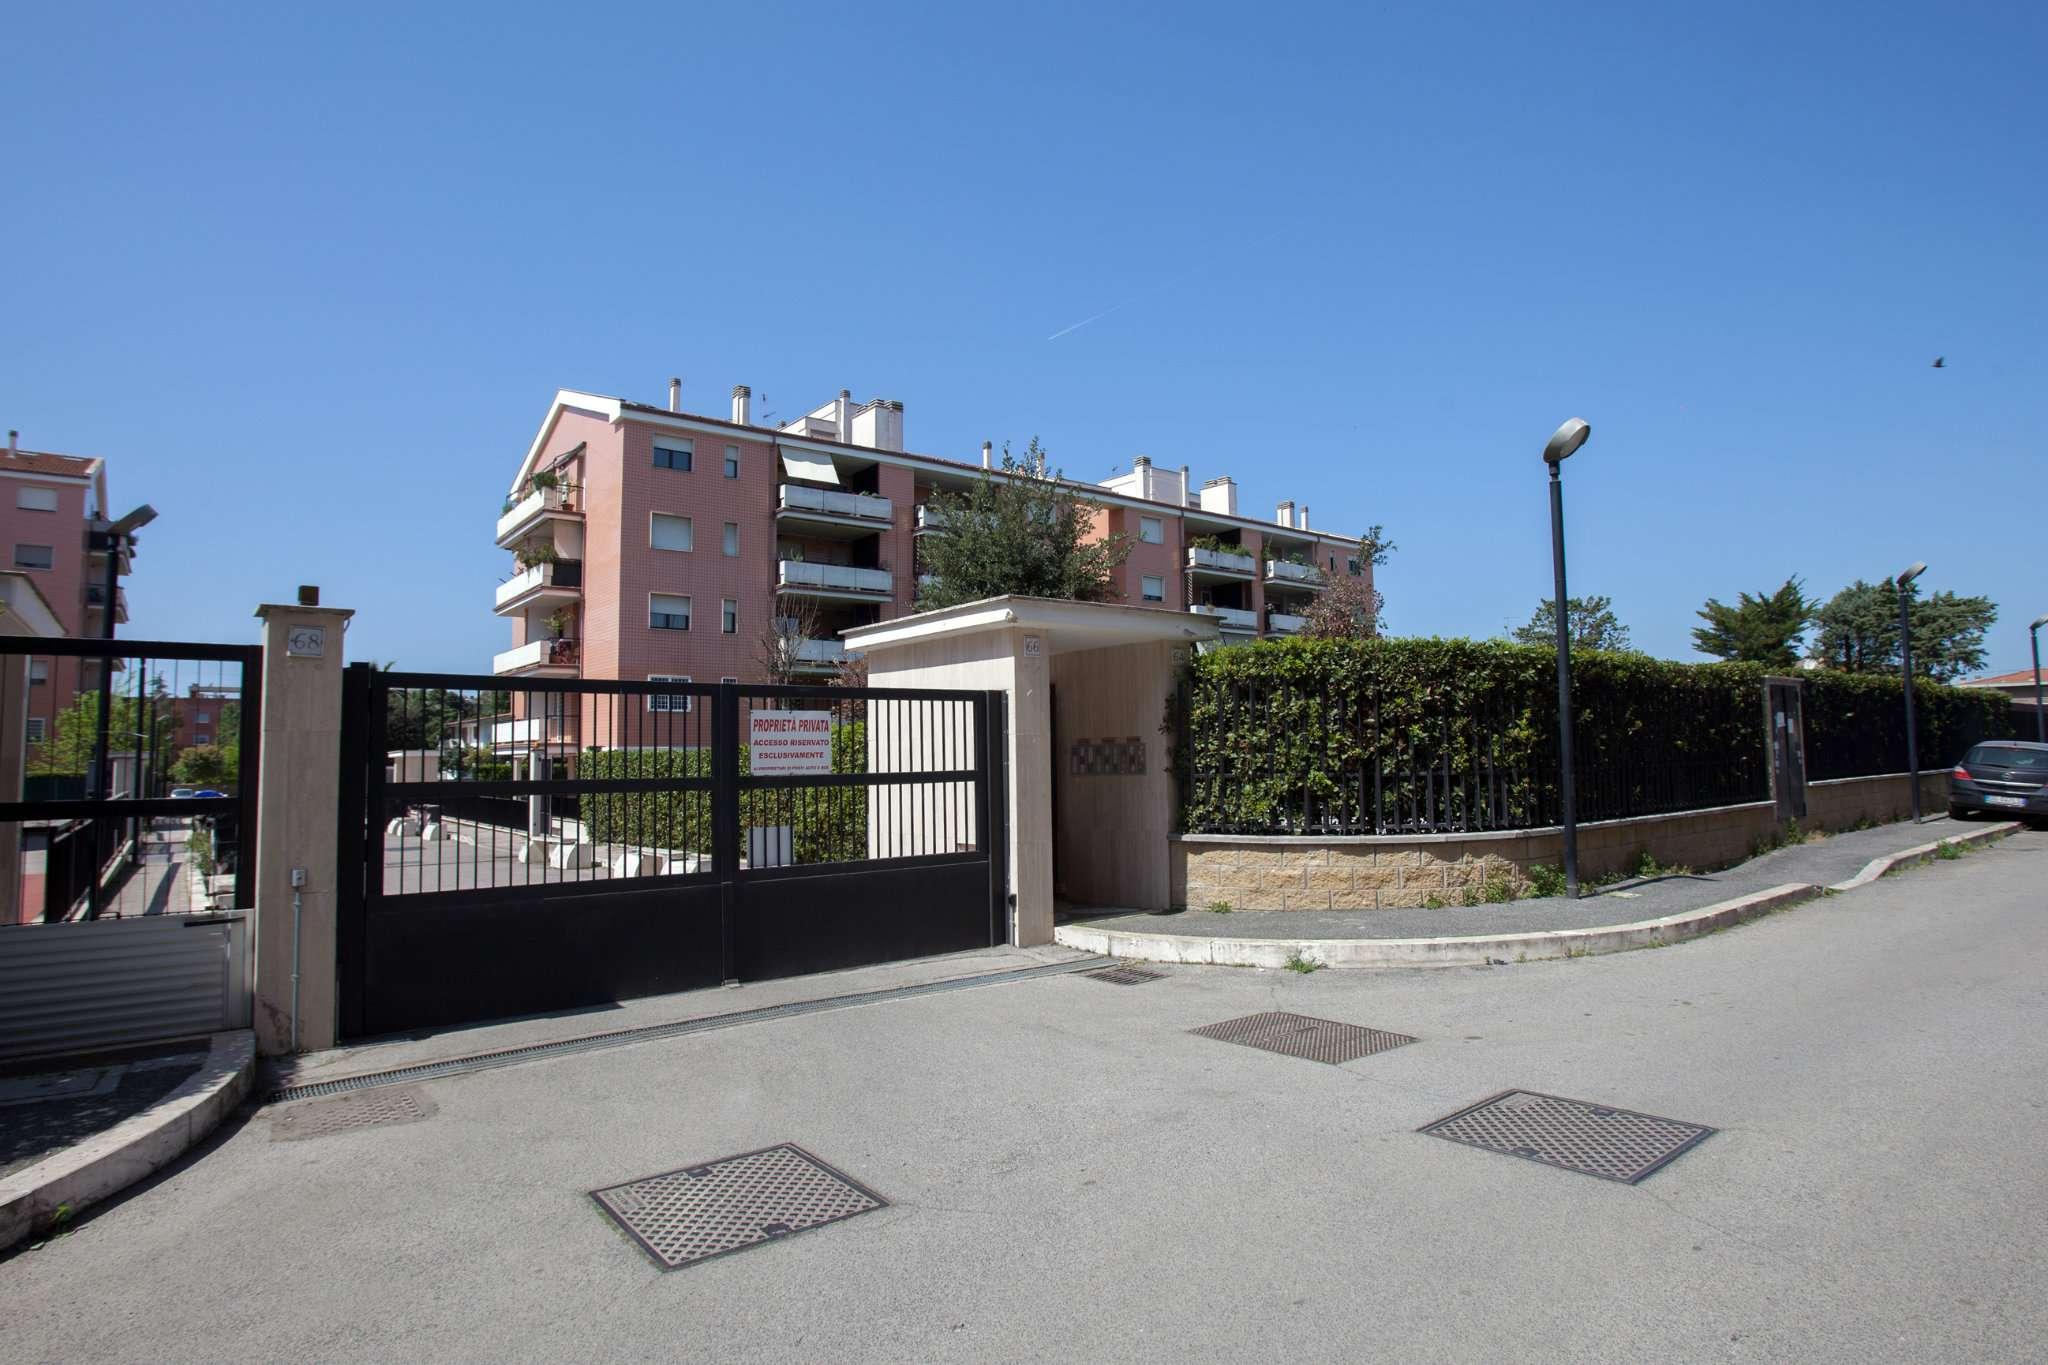 Bilocale in affitto a Roma in Via Olivares, 64